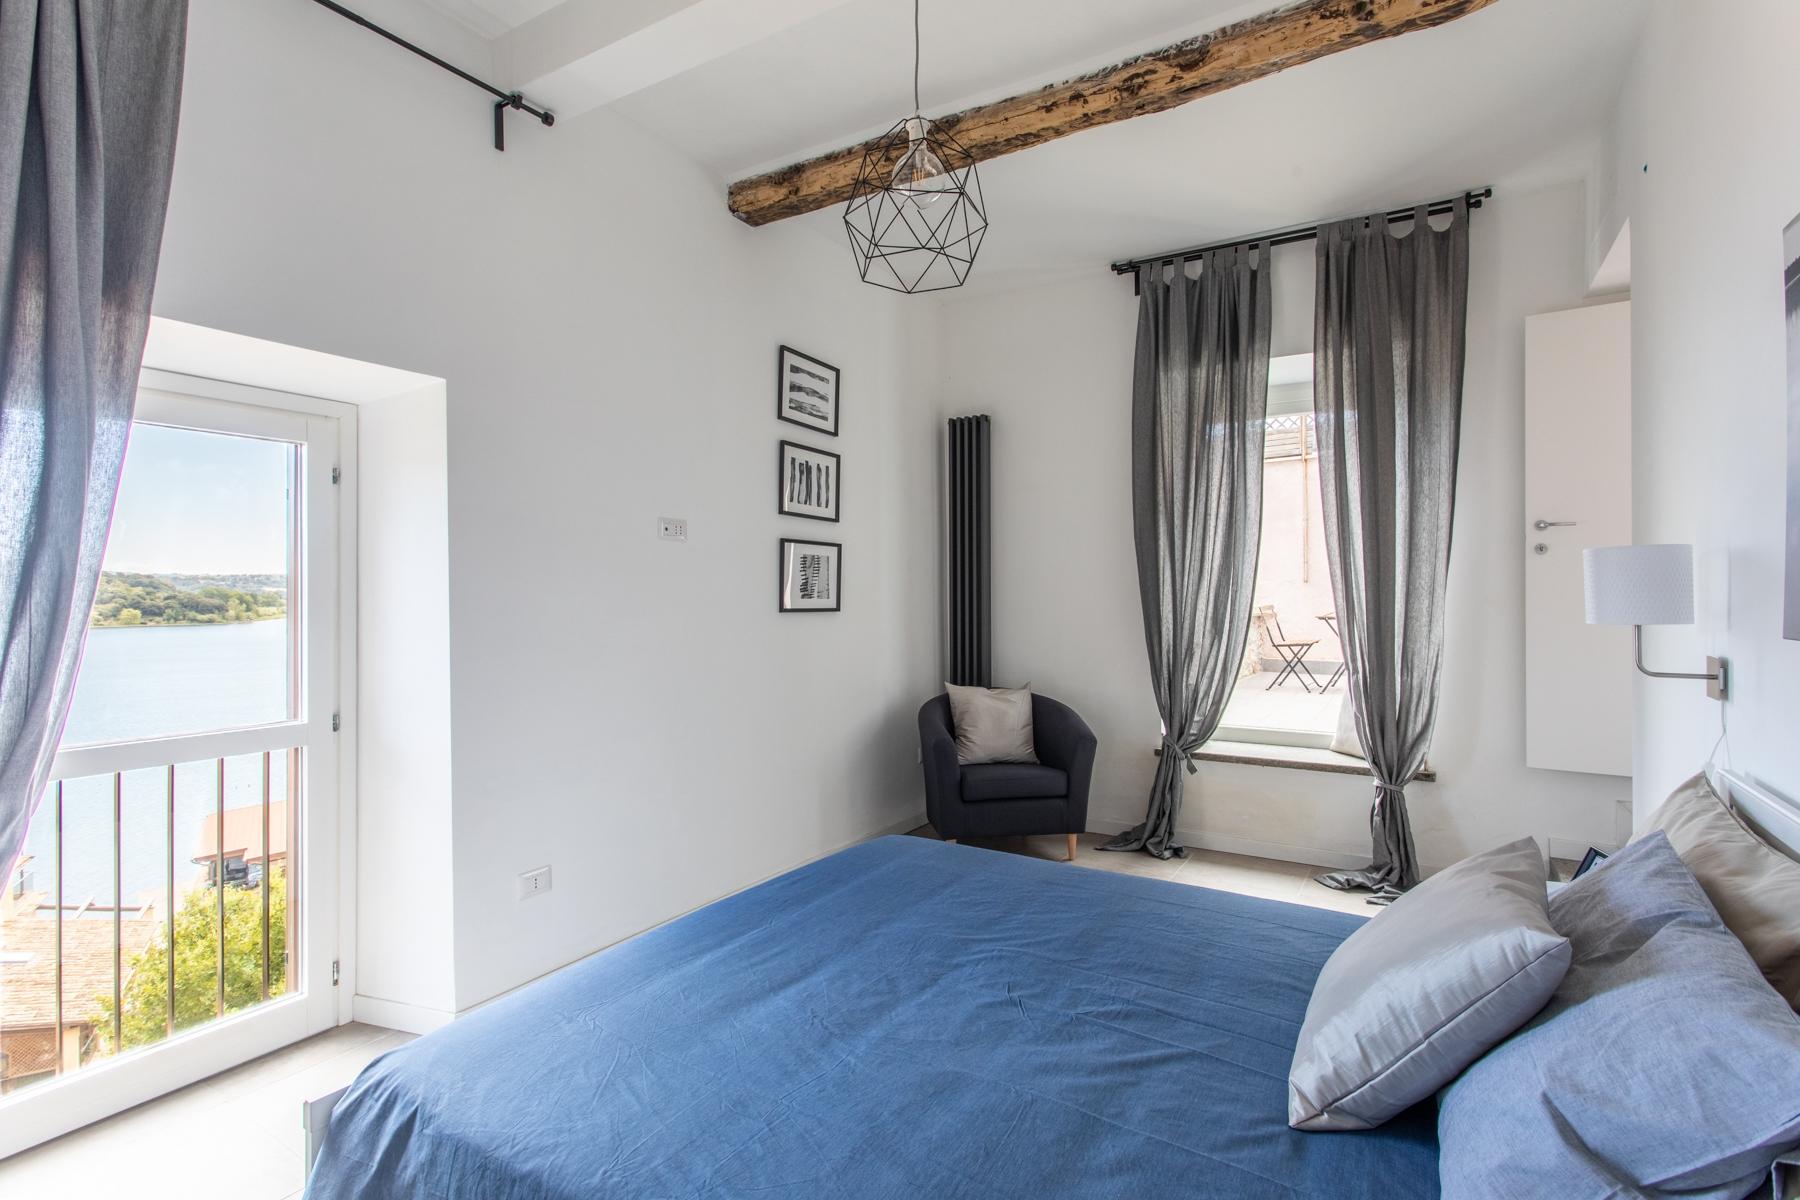 Appartamento in Vendita a Trevignano Romano: 4 locali, 85 mq - Foto 11